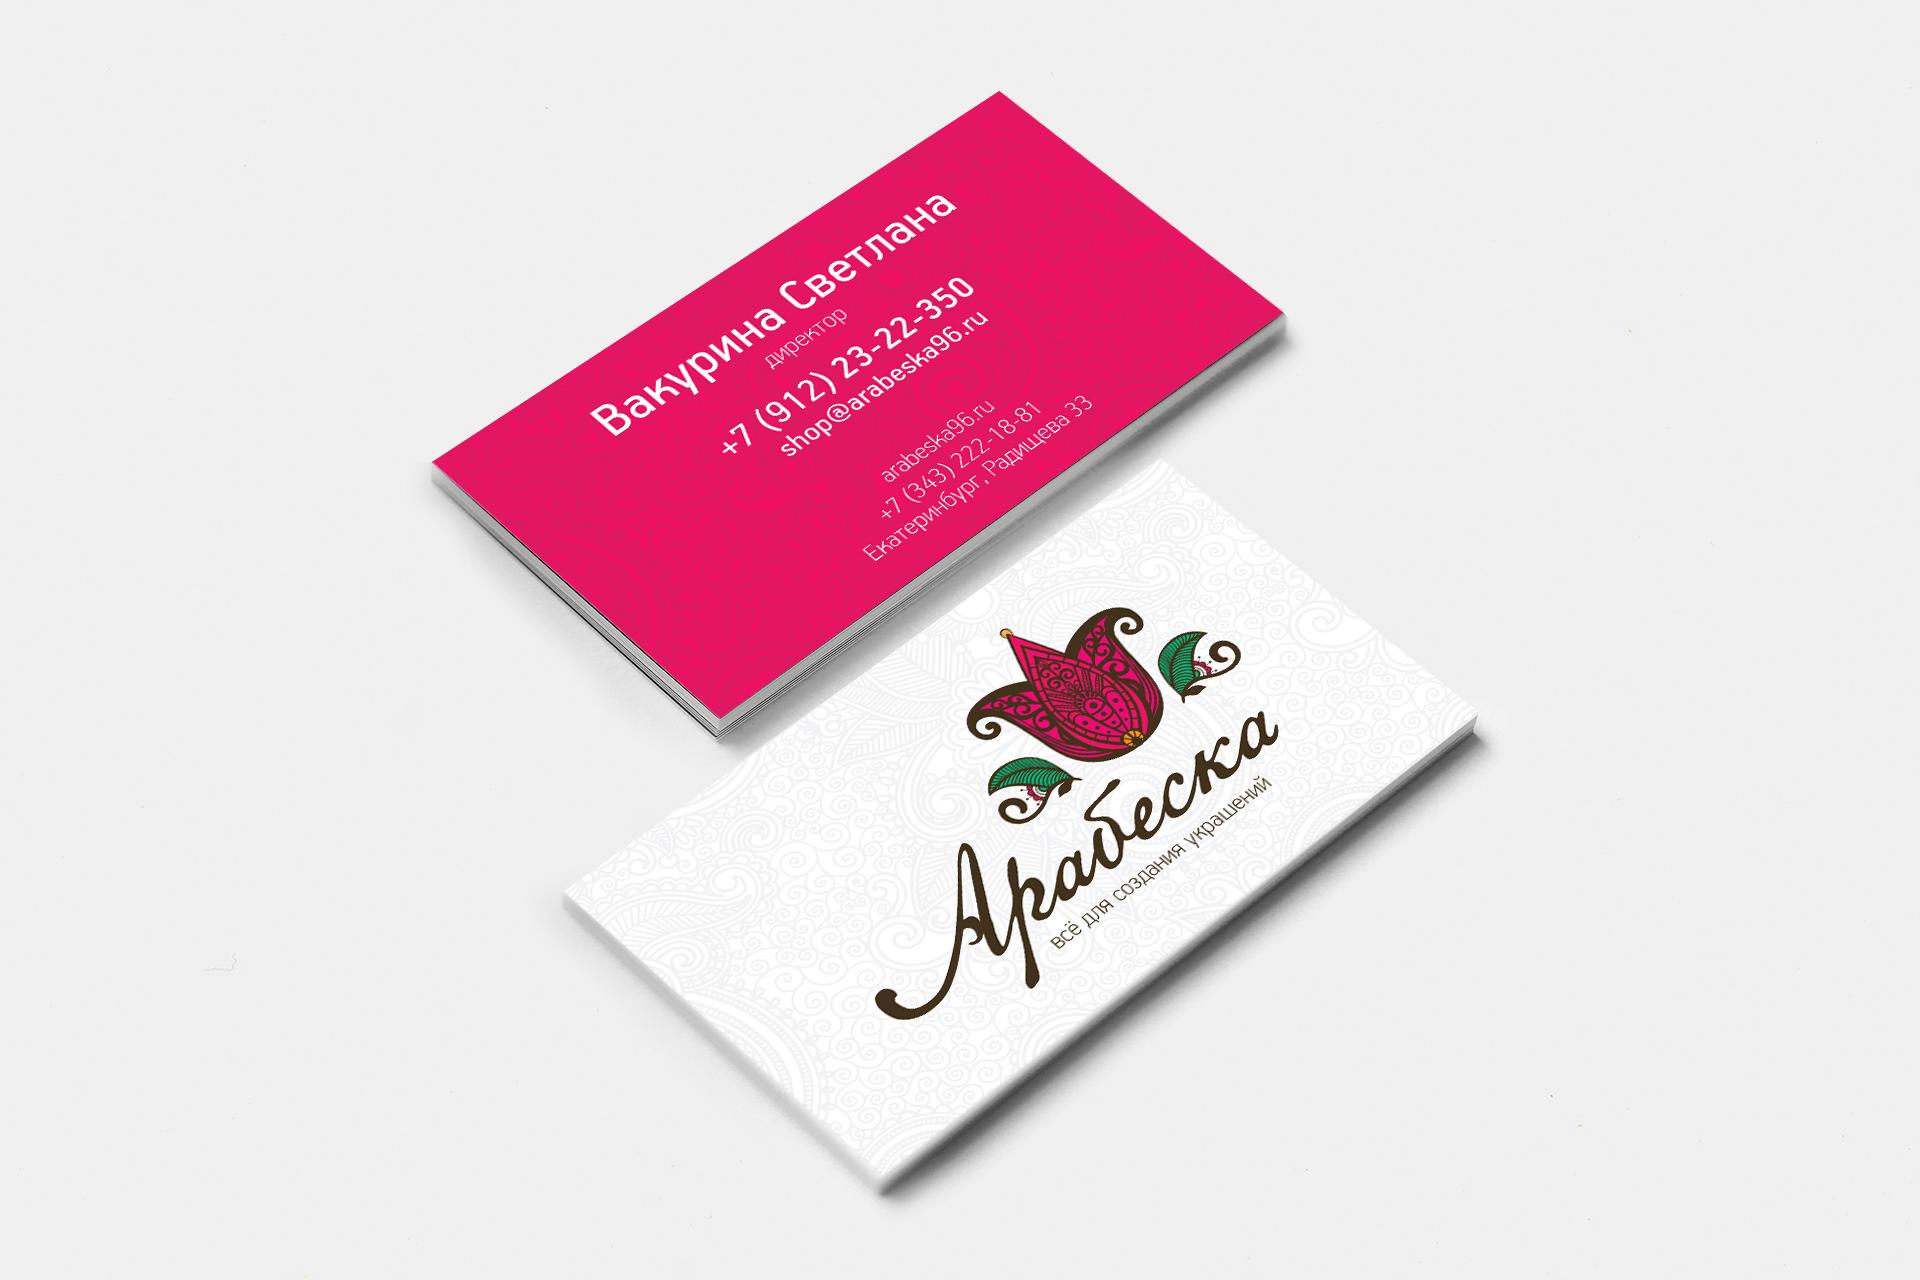 Арабеска, визитка